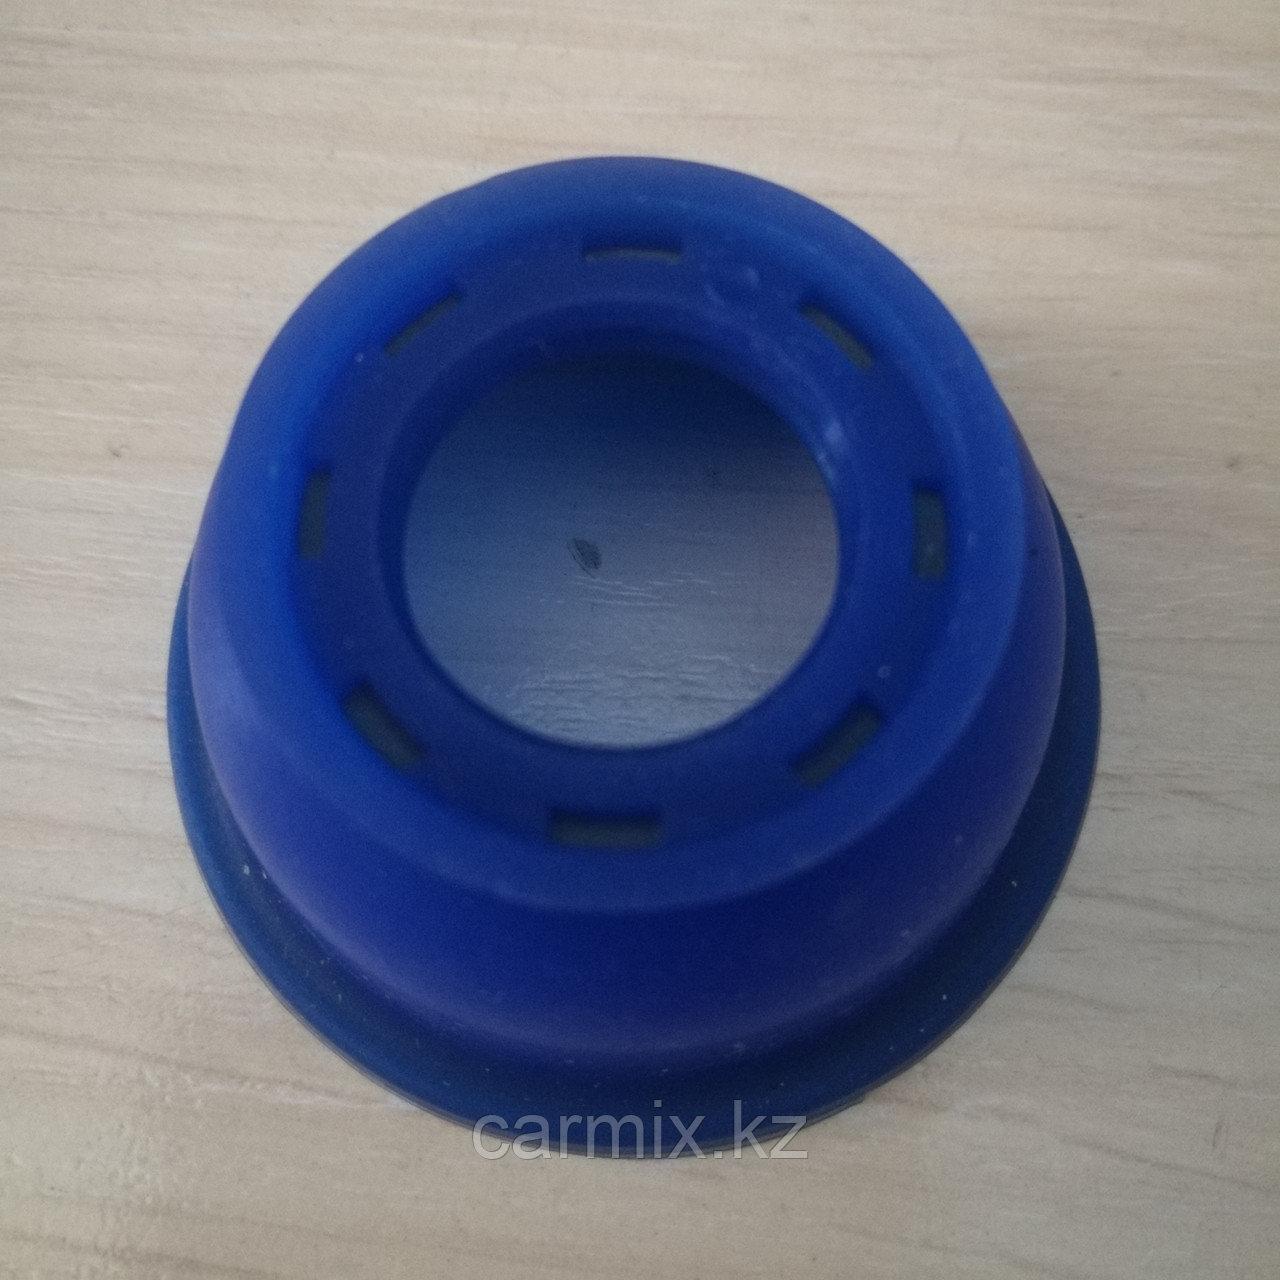 Пыльник на наконечник, шаровую опору, стойку стабилизатора, резиновый, гелевый